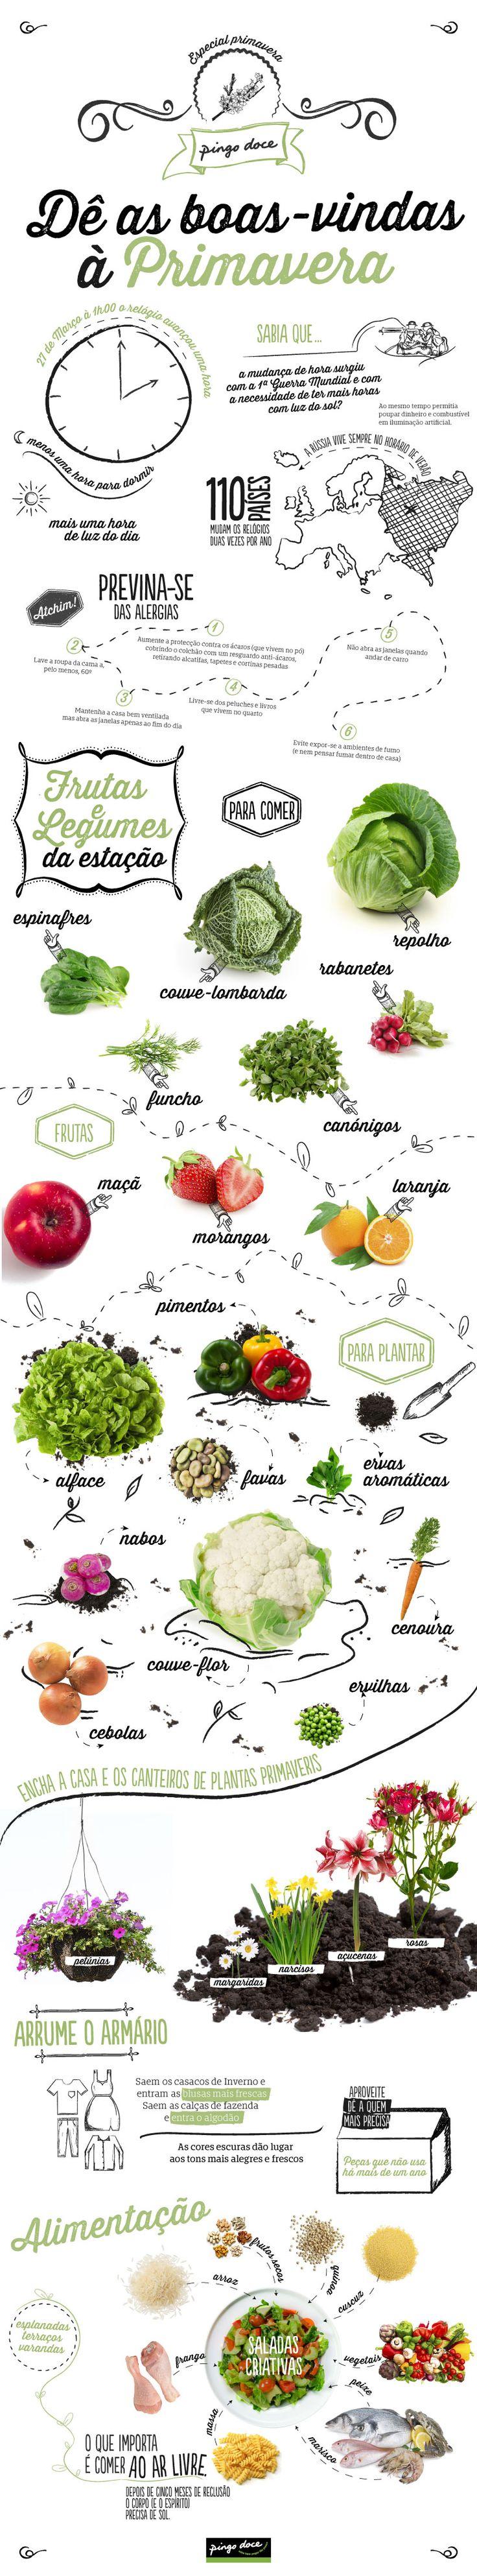 Infografia Pingo Doce - Dê as boas-vindas à Primavera. Uma checklist para receber os primeiros dias de calor.